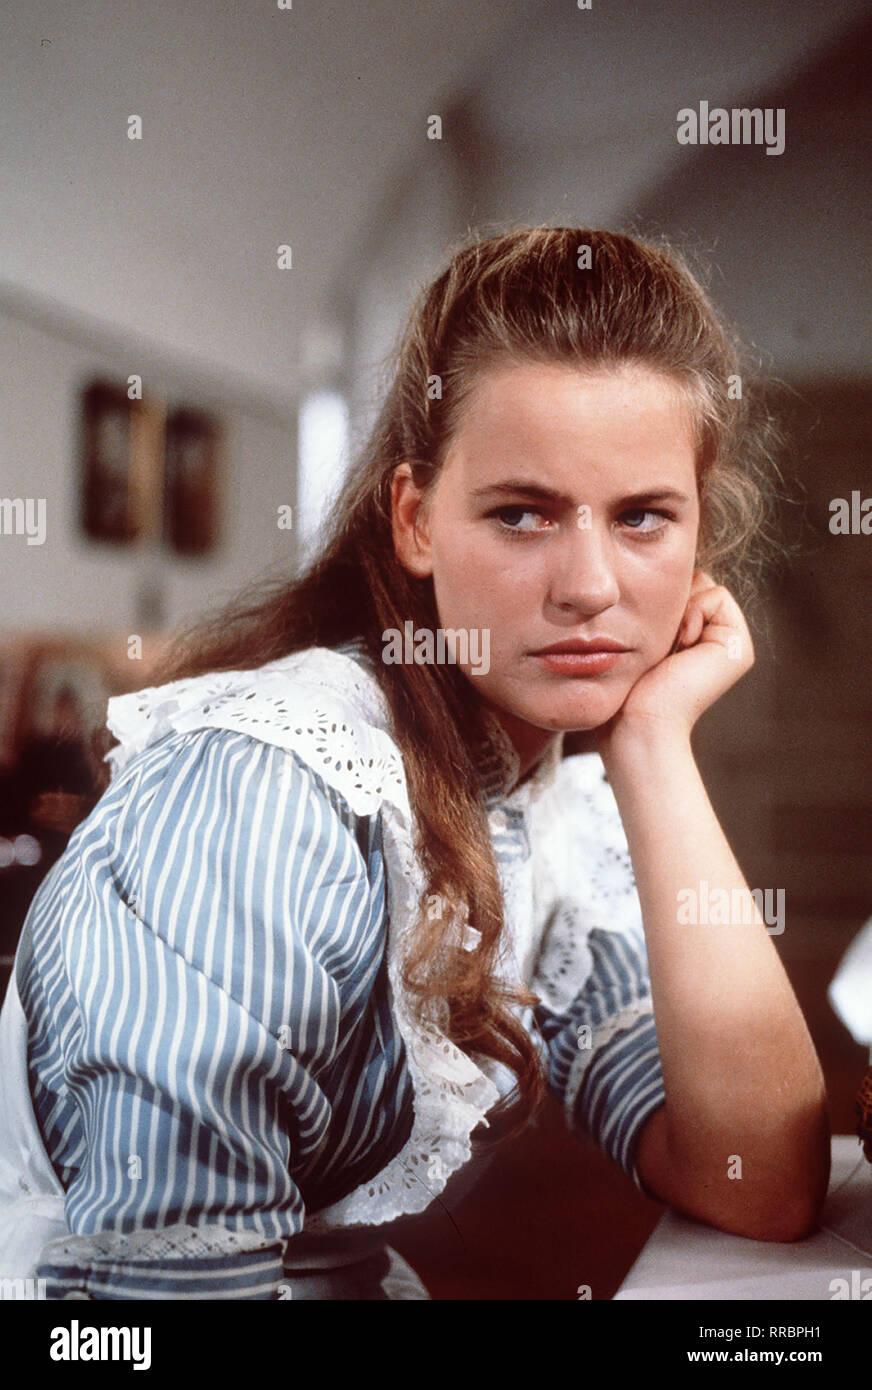 """1 Folge Die 16jährige Ilse (ANJA SCHÜTE)""""führt auf dem Land ein unbeschwertes Leben. Als sie ins Ospiti int soll, bricht für Sie eine Welt zusammen... aka. -1 / Überschrift: DER TROTZKOPF / BRD 1983 Immagini Stock"""